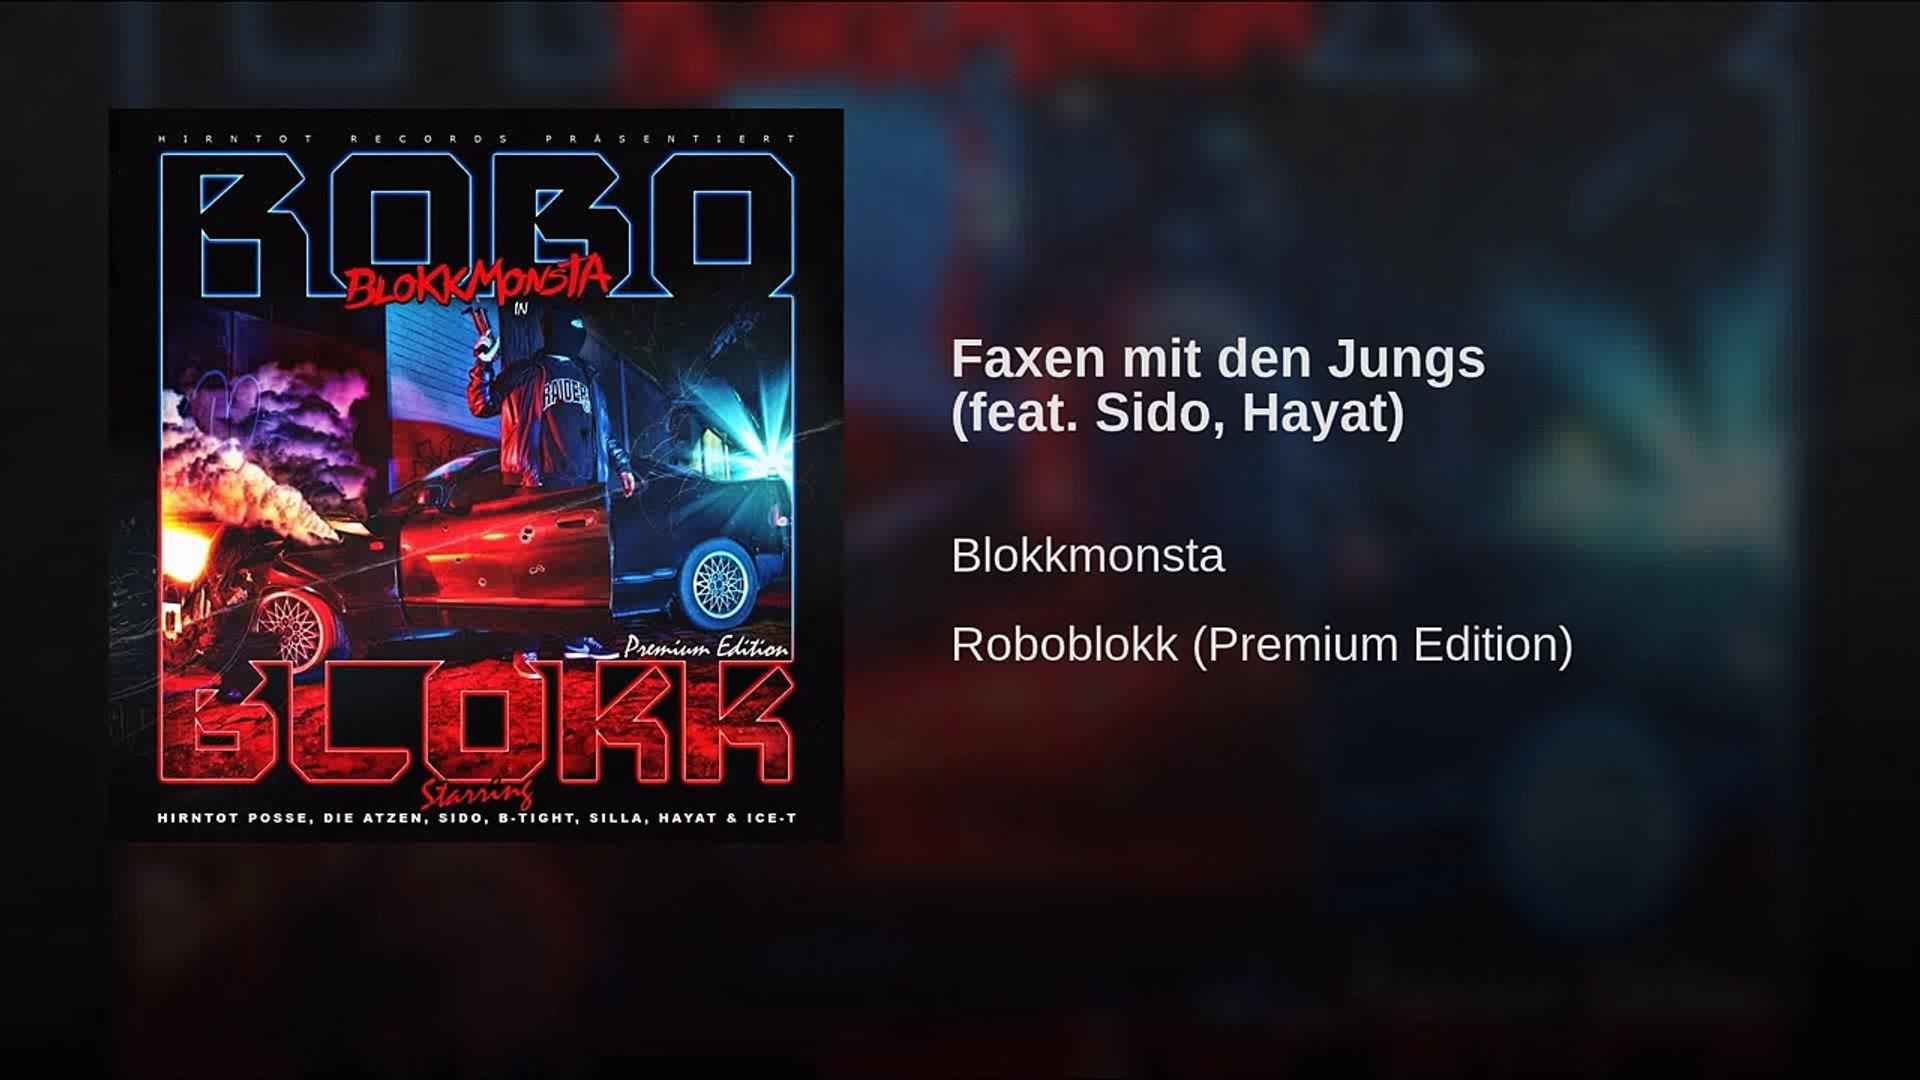 Blokkmonsta Faxen Mit Den Jungs Feat Sido Hayat Video